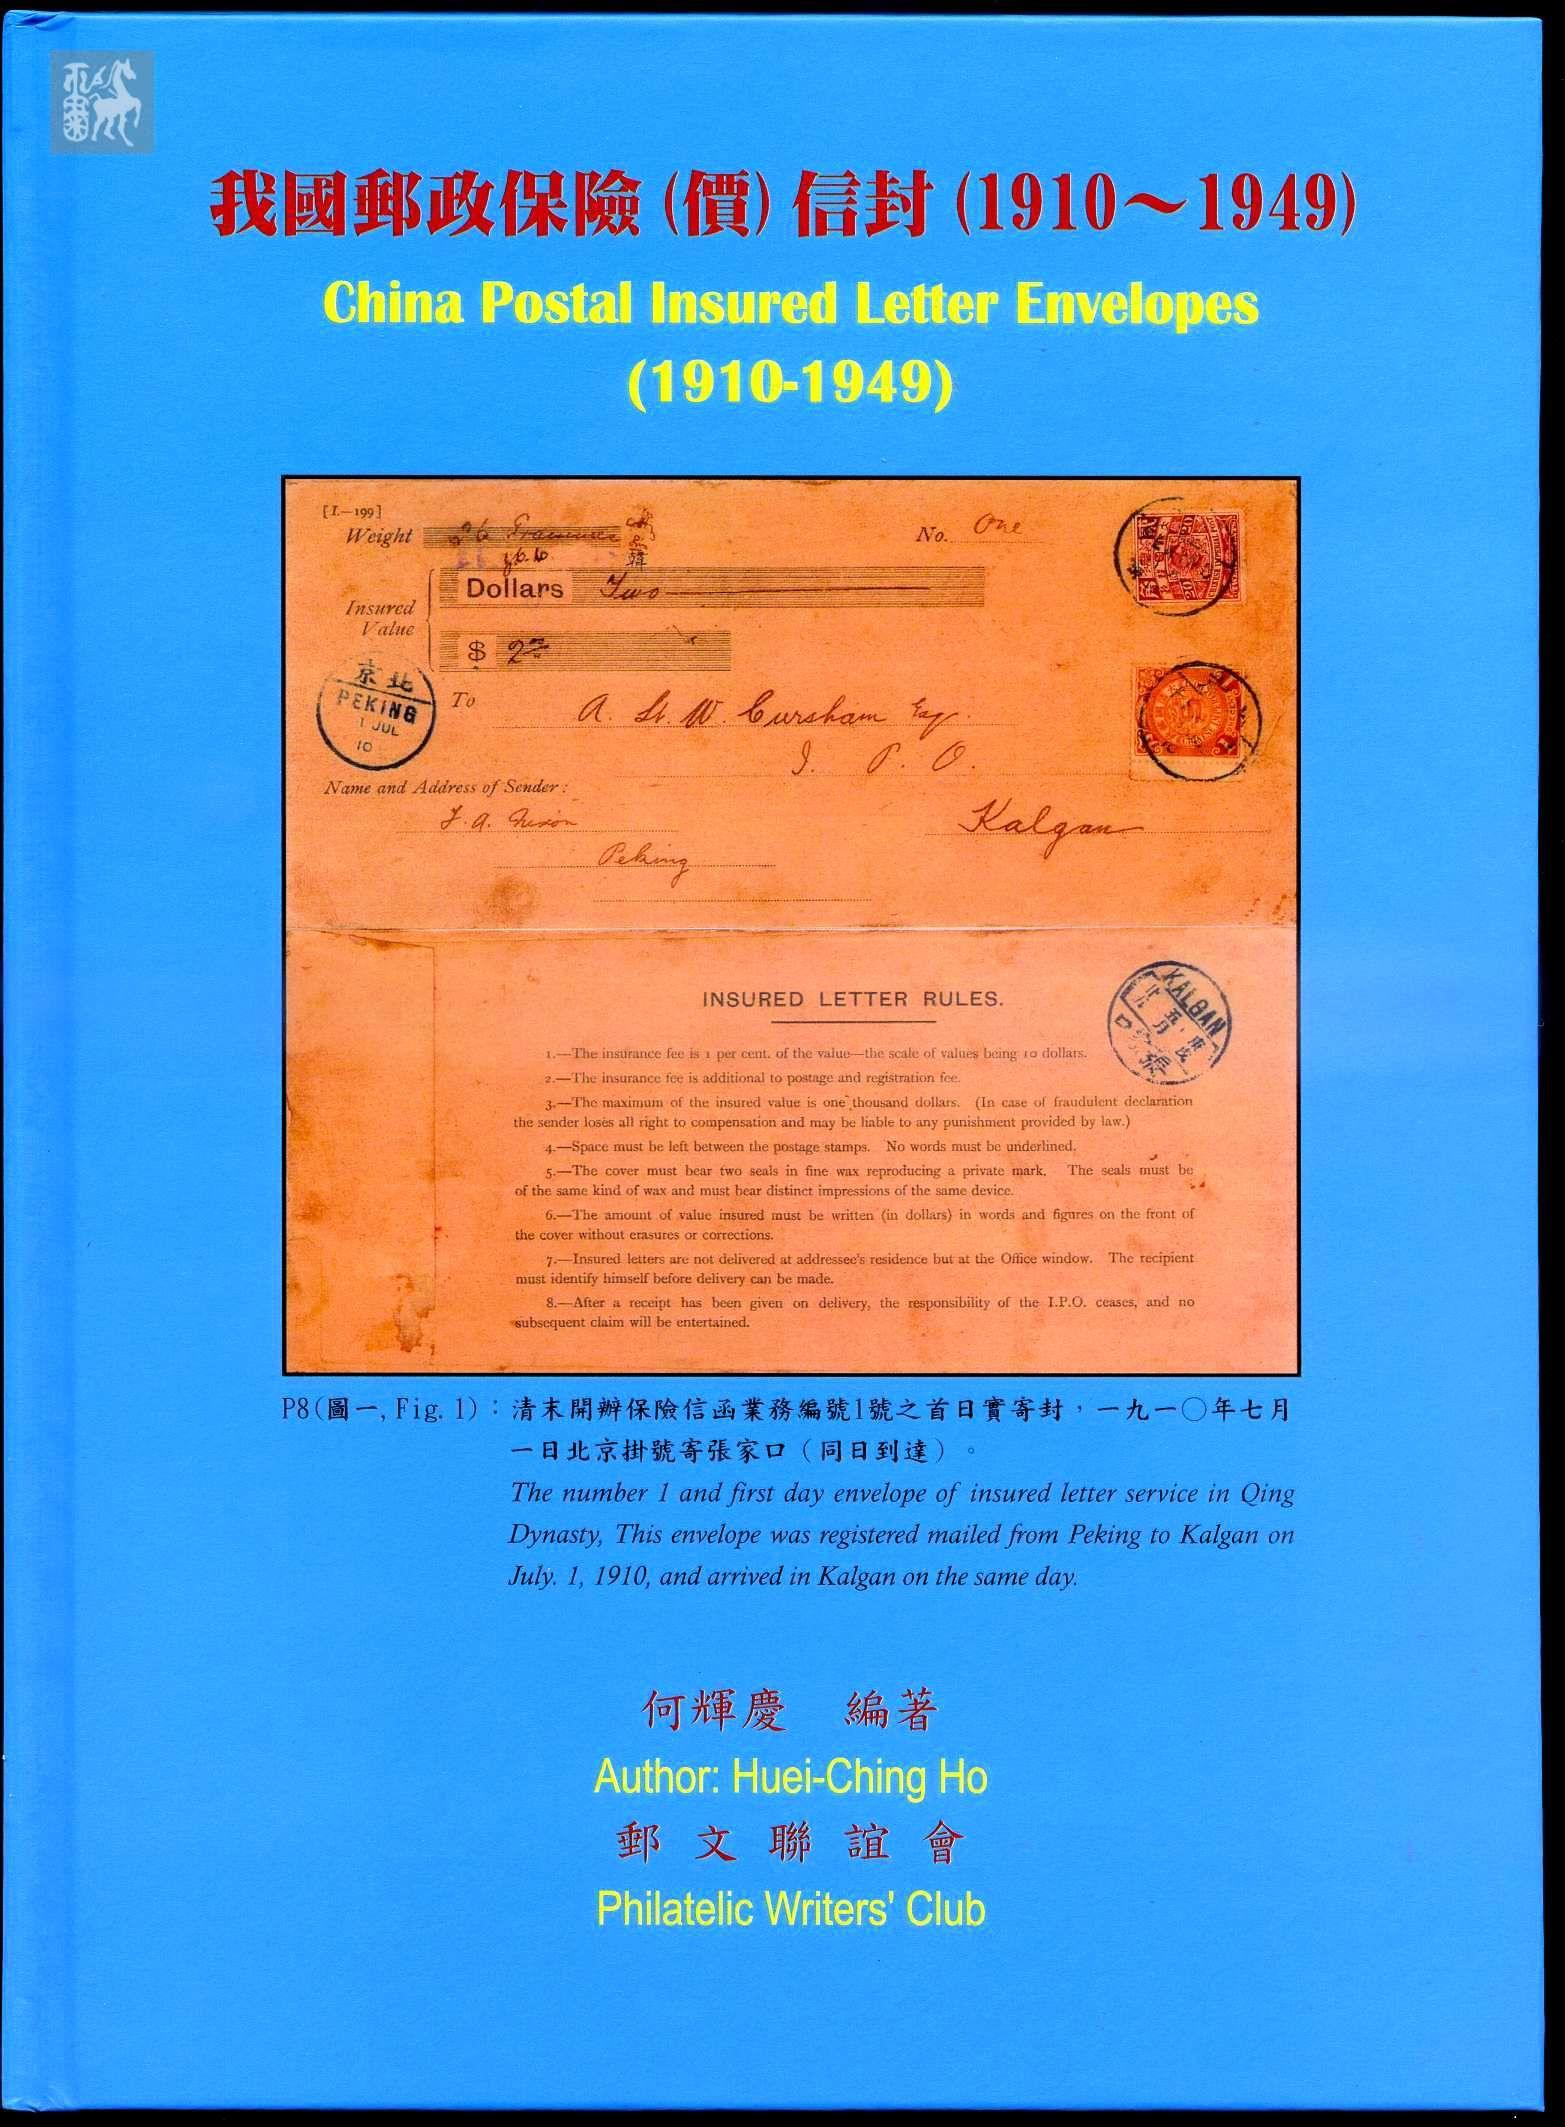 我国邮政保险 价 信封 1910 1949